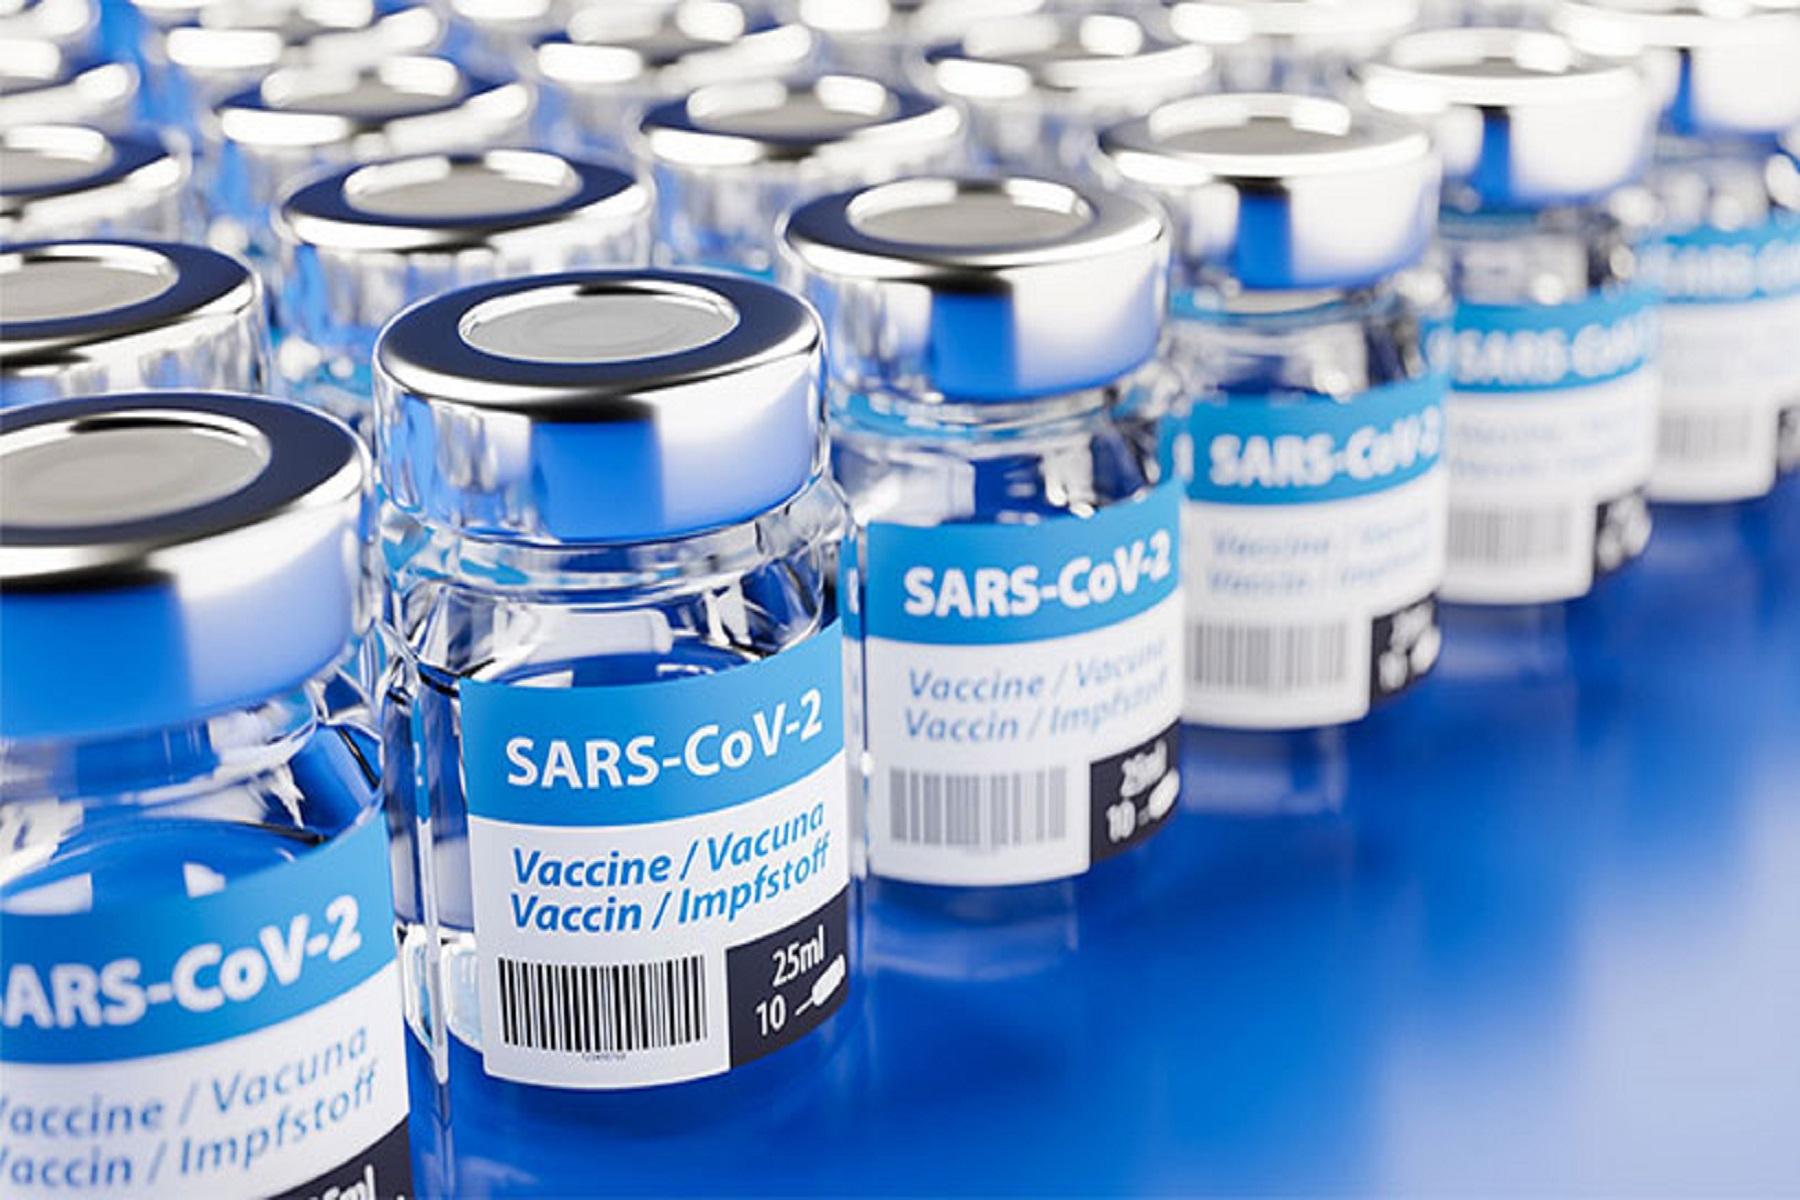 Εμβολιασμοί Τρίτη Δόση: Τα αναμνηστικά εμβόλια COVID-19 στο τραπέζι της διαπραγμάτευσης